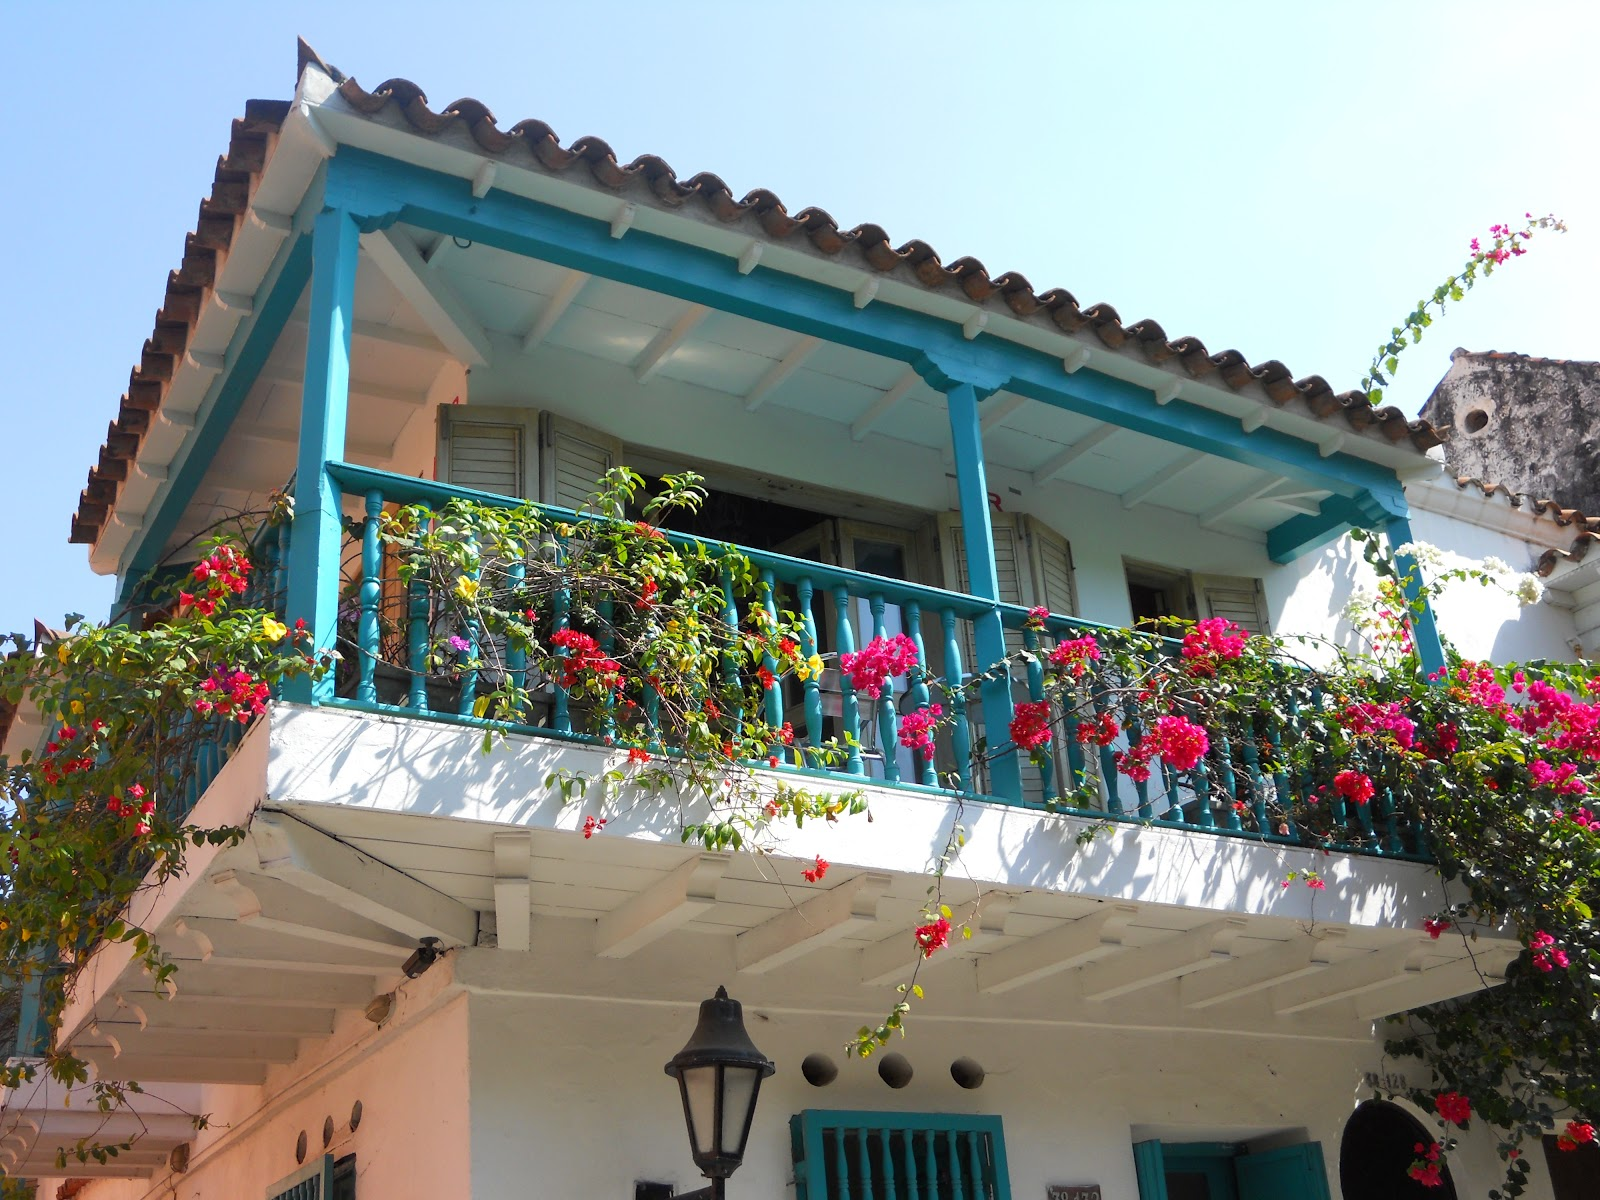 Los Franich Architecture In Colombia